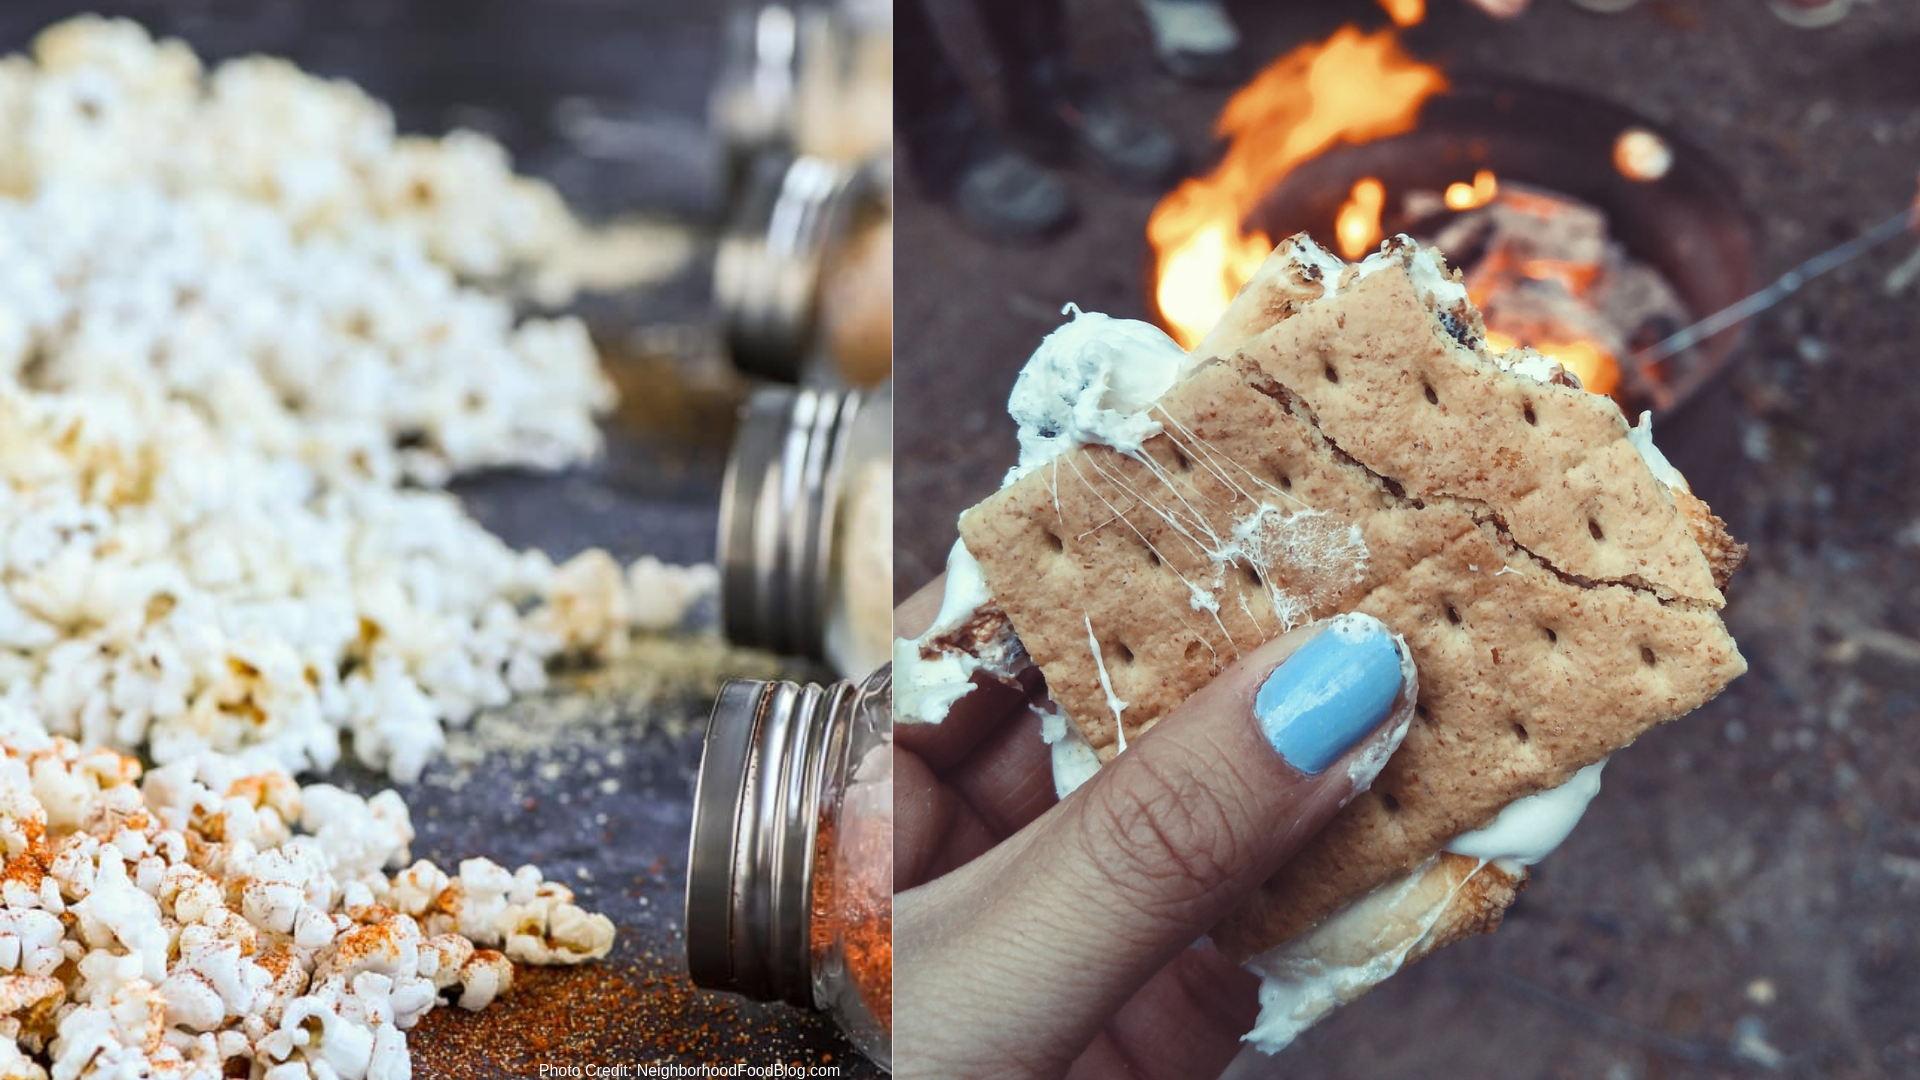 Snacks - Popcorn & S'more